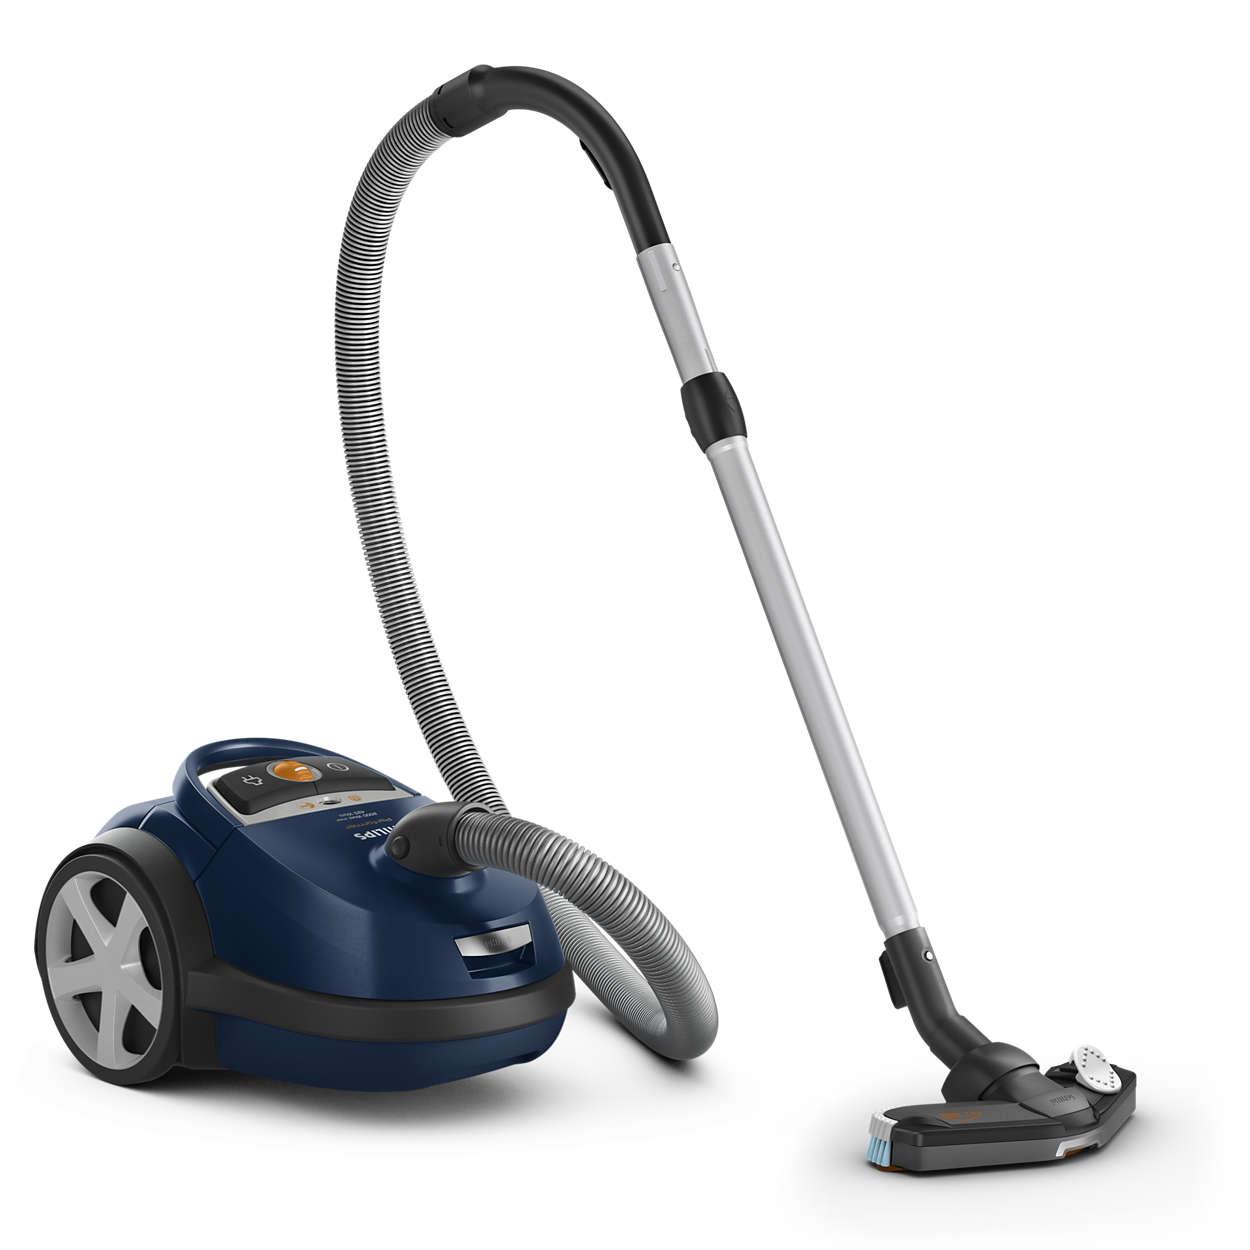 Aucun autre aspirateur n'offre un nettoyage aussi hygiénique